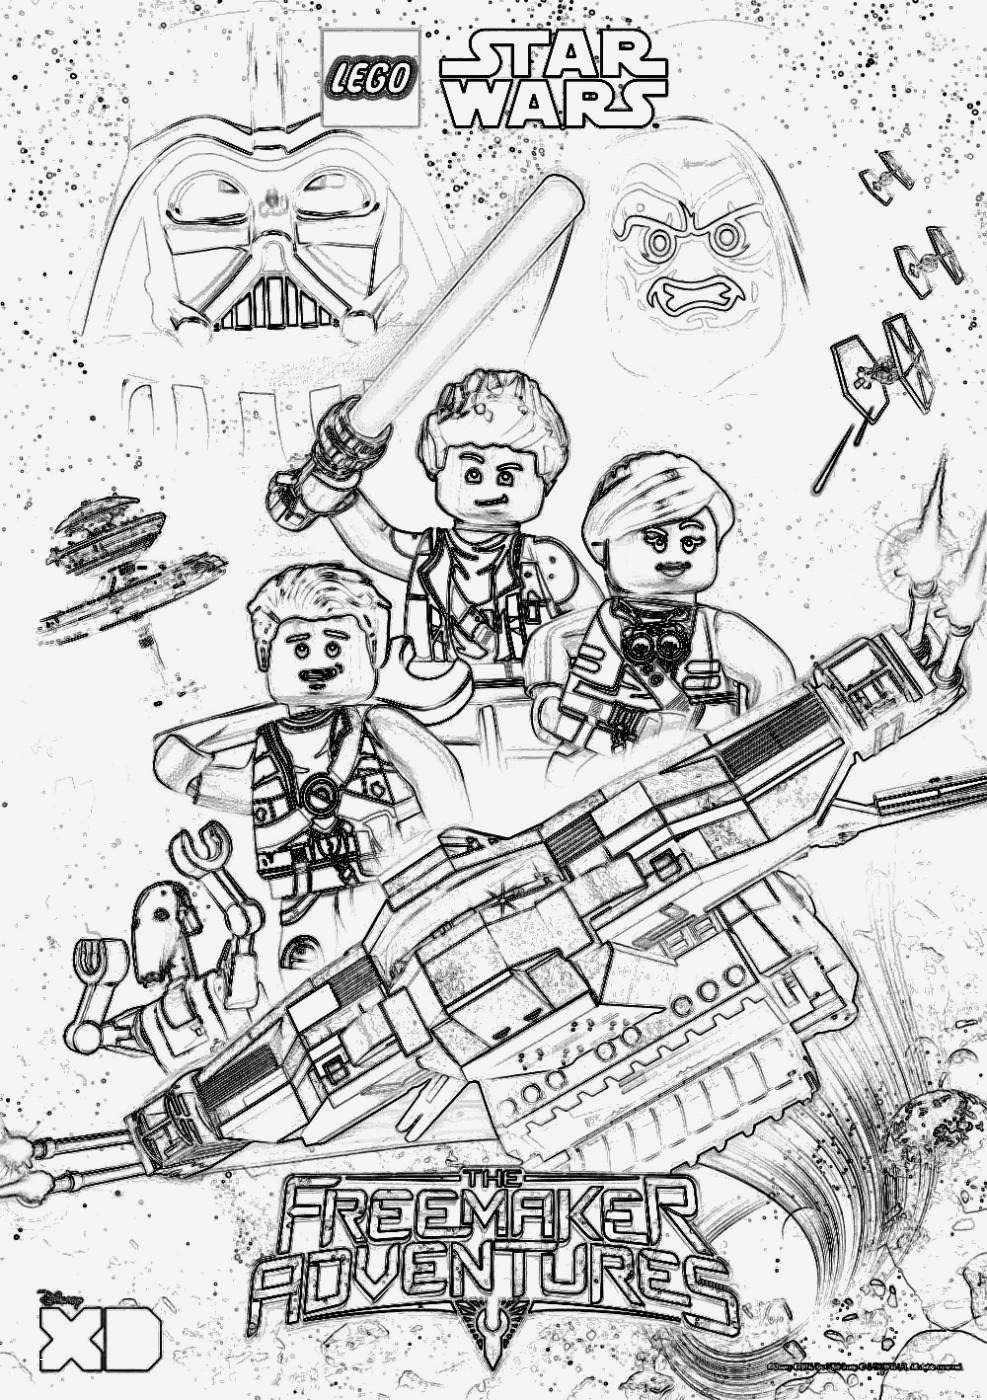 Star Wars Ausmalbilder Zum Ausdrucken Einzigartig Star Wars Malvorlagen Bildergalerie & Bilder Zum Ausmalen Lego Star Bilder